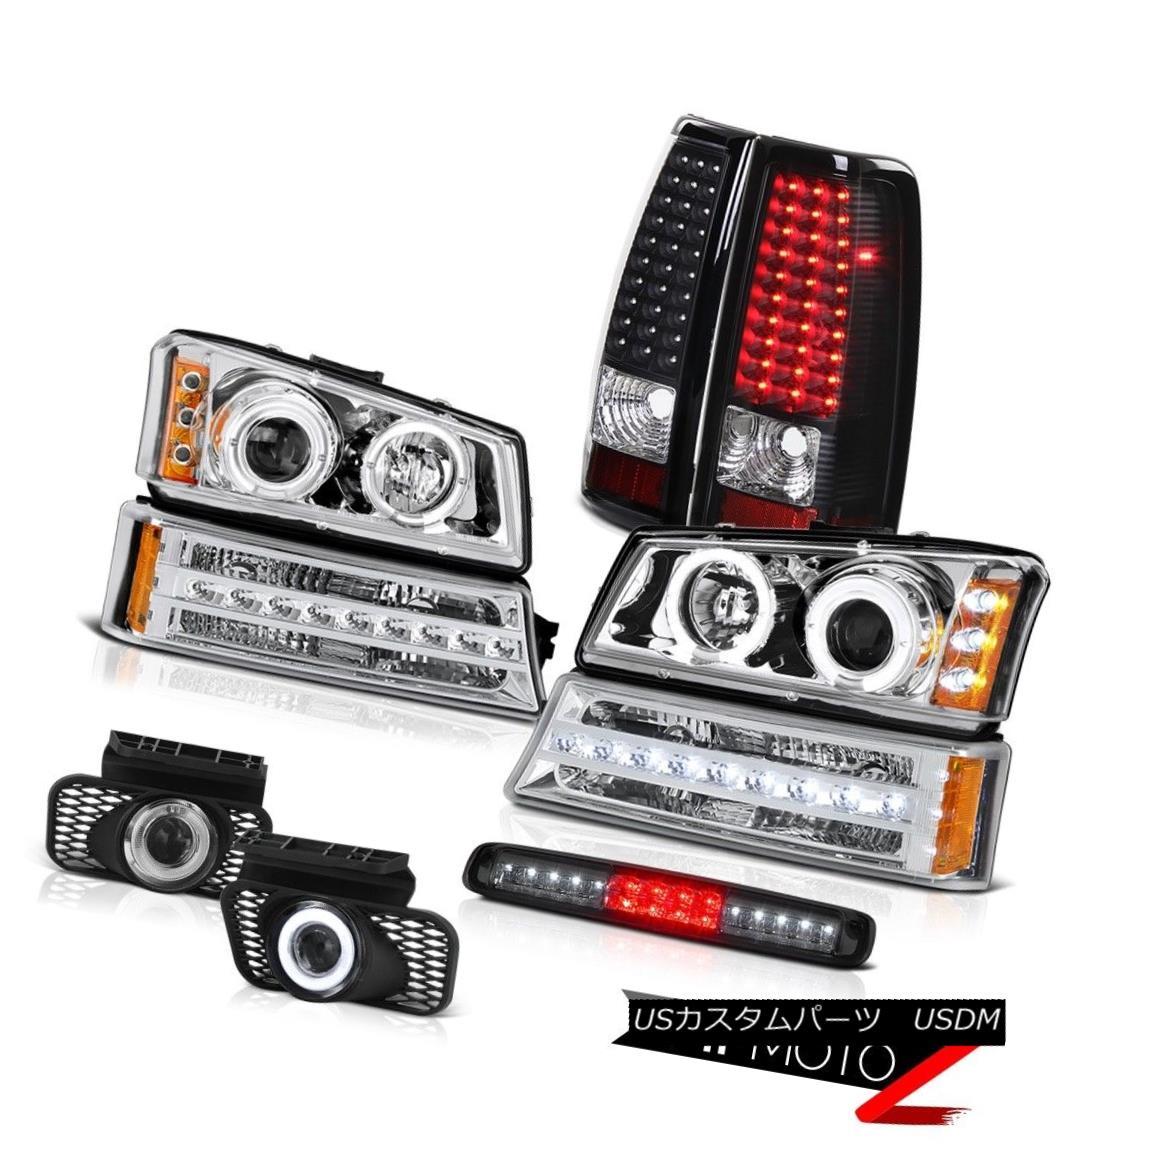 ヘッドライト 03-06 Silverado 3500Hd Third Brake Light Foglamps Parking Headlamps Rear Lights 03-06 Silverado 3500Hd第3ブレーキライトフォグランプパーキングヘッドランプリアライト